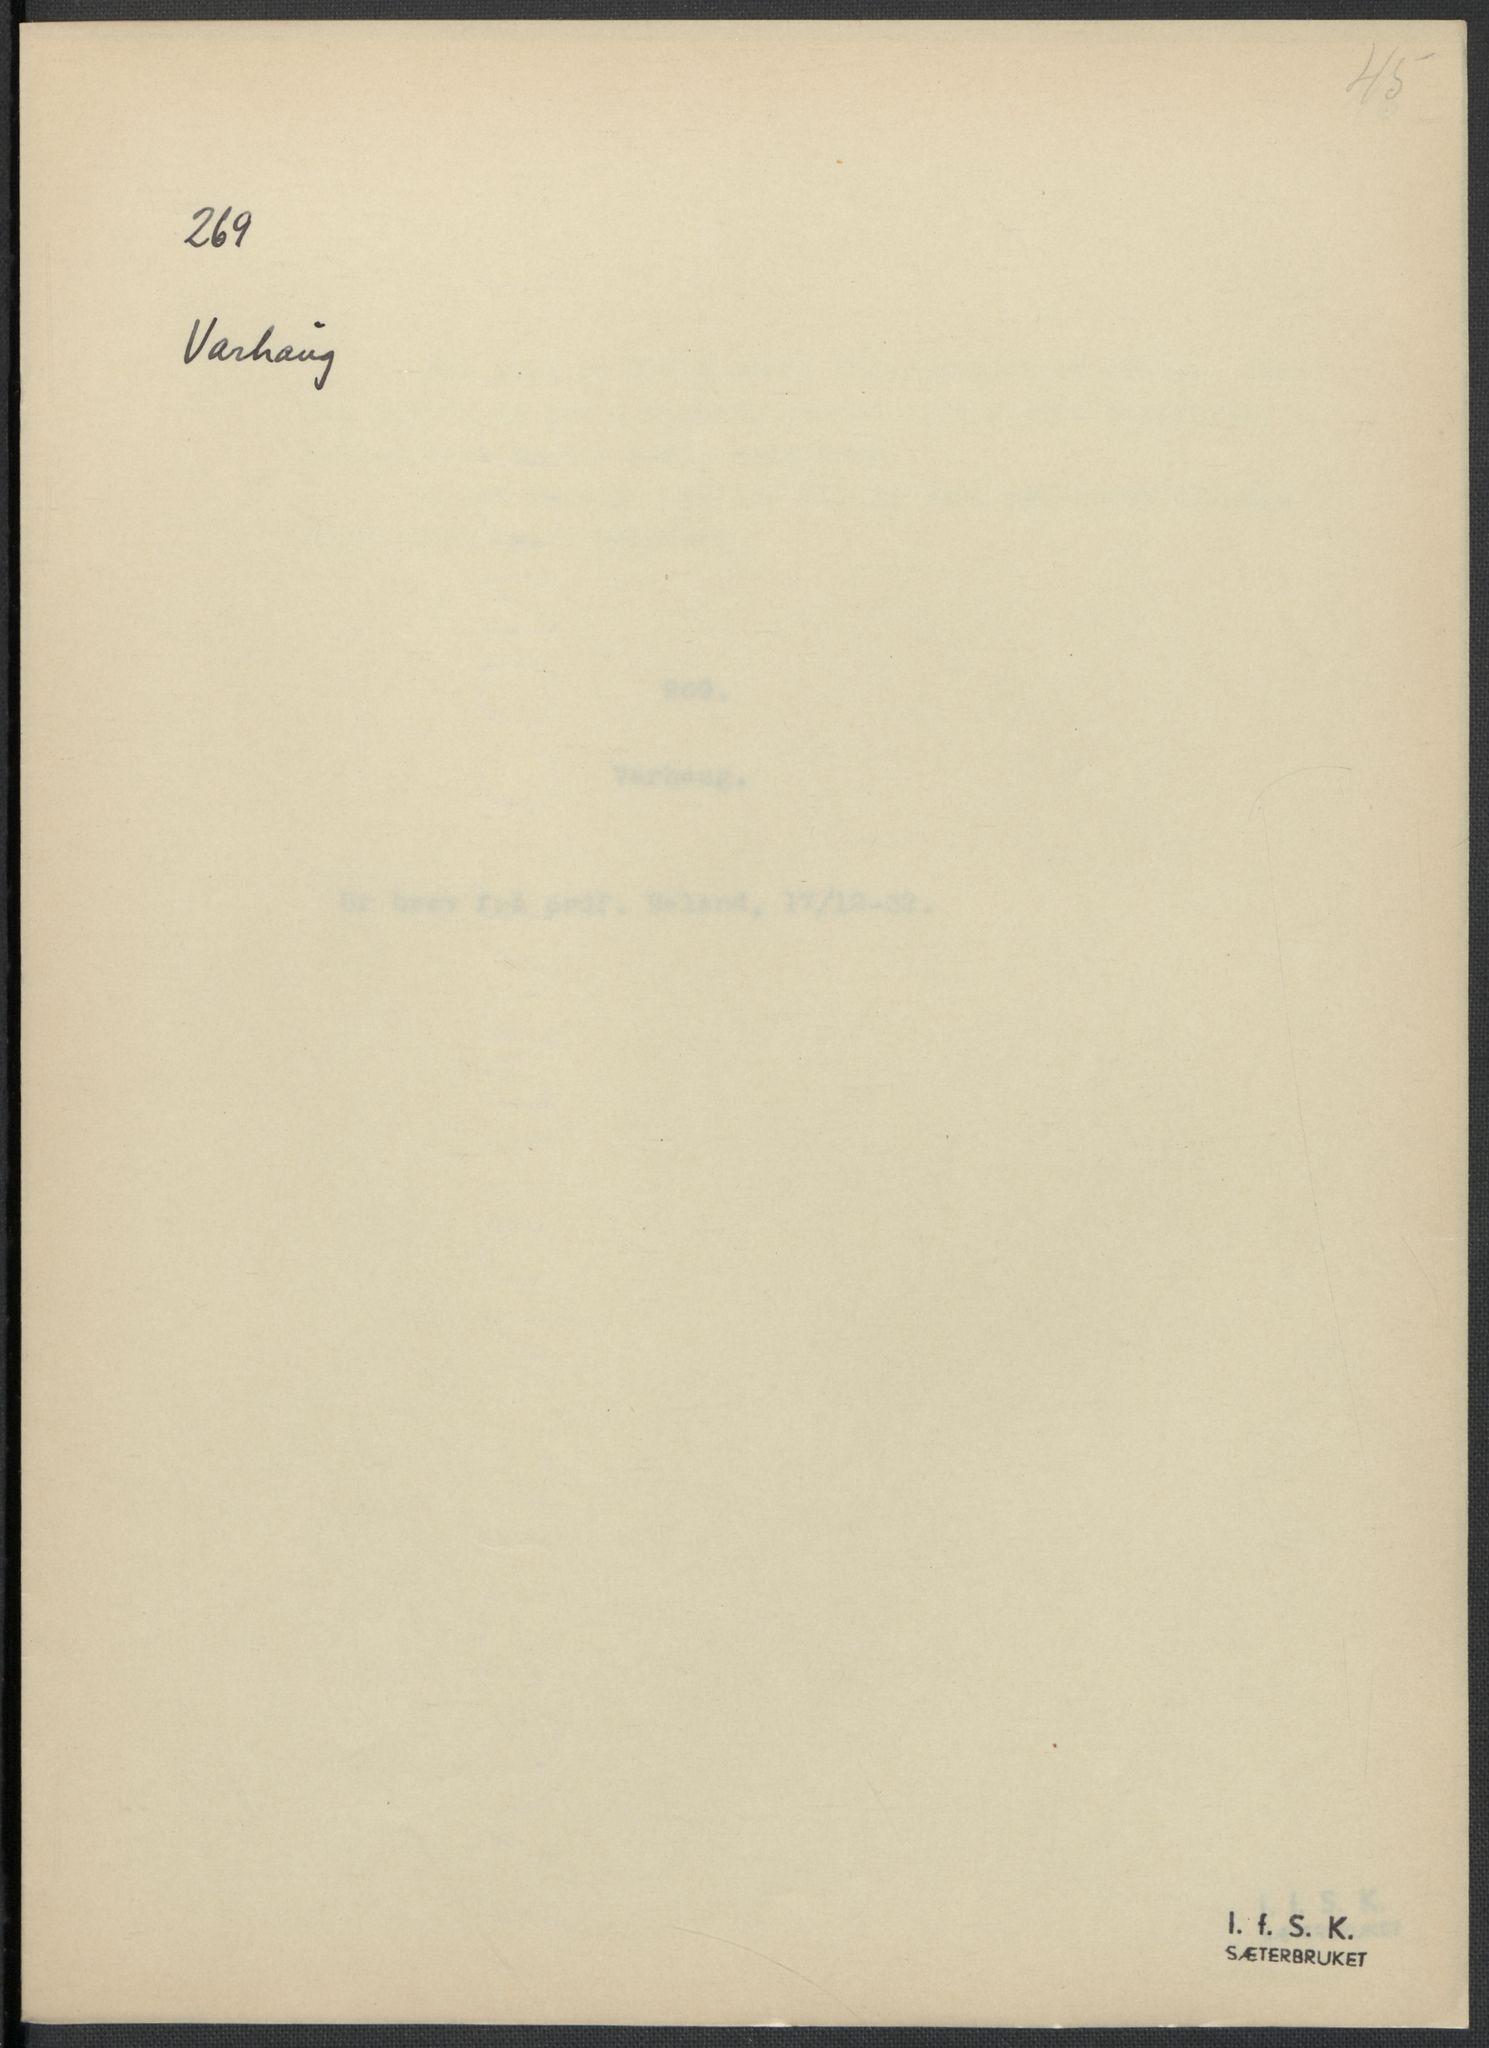 RA, Instituttet for sammenlignende kulturforskning, F/Fc/L0009: Eske B9:, 1932-1935, s. 45